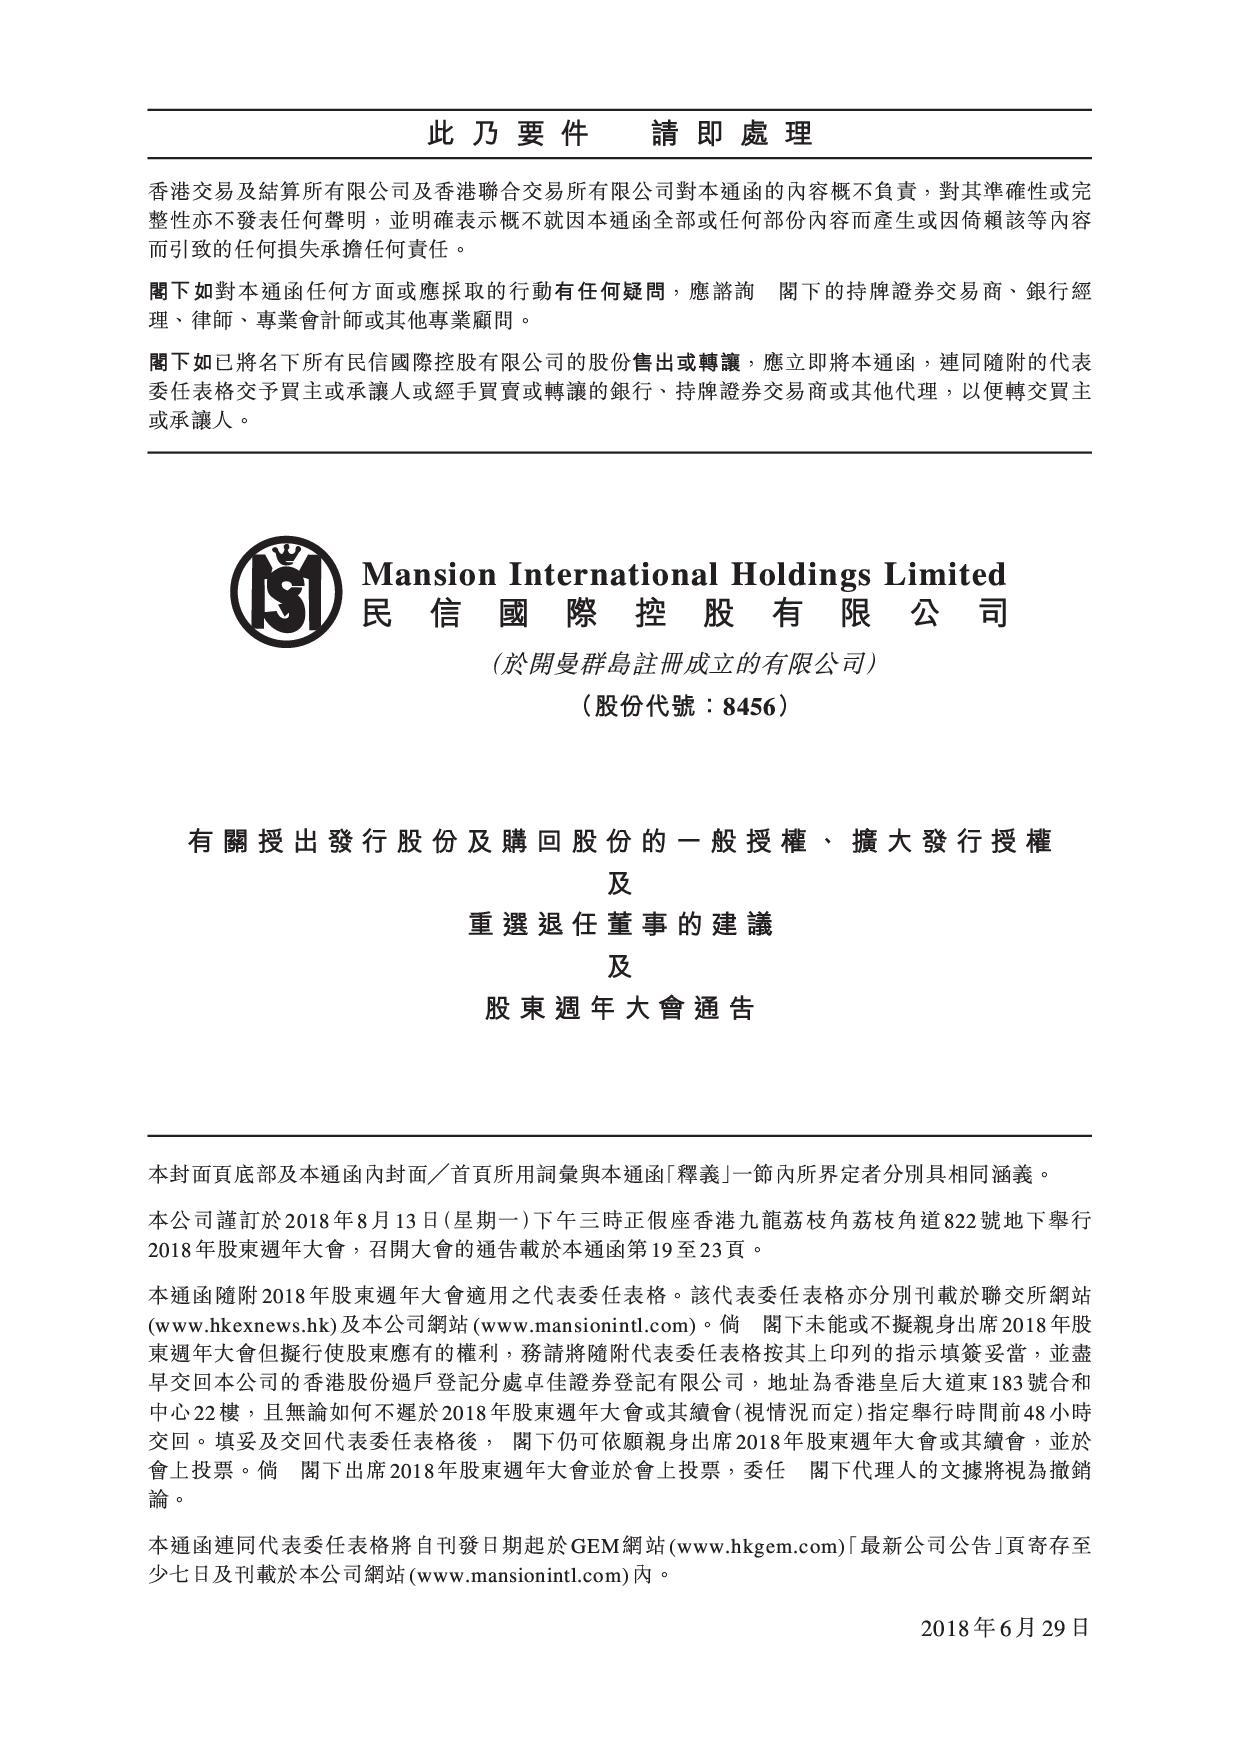 民信国际控股有限公司